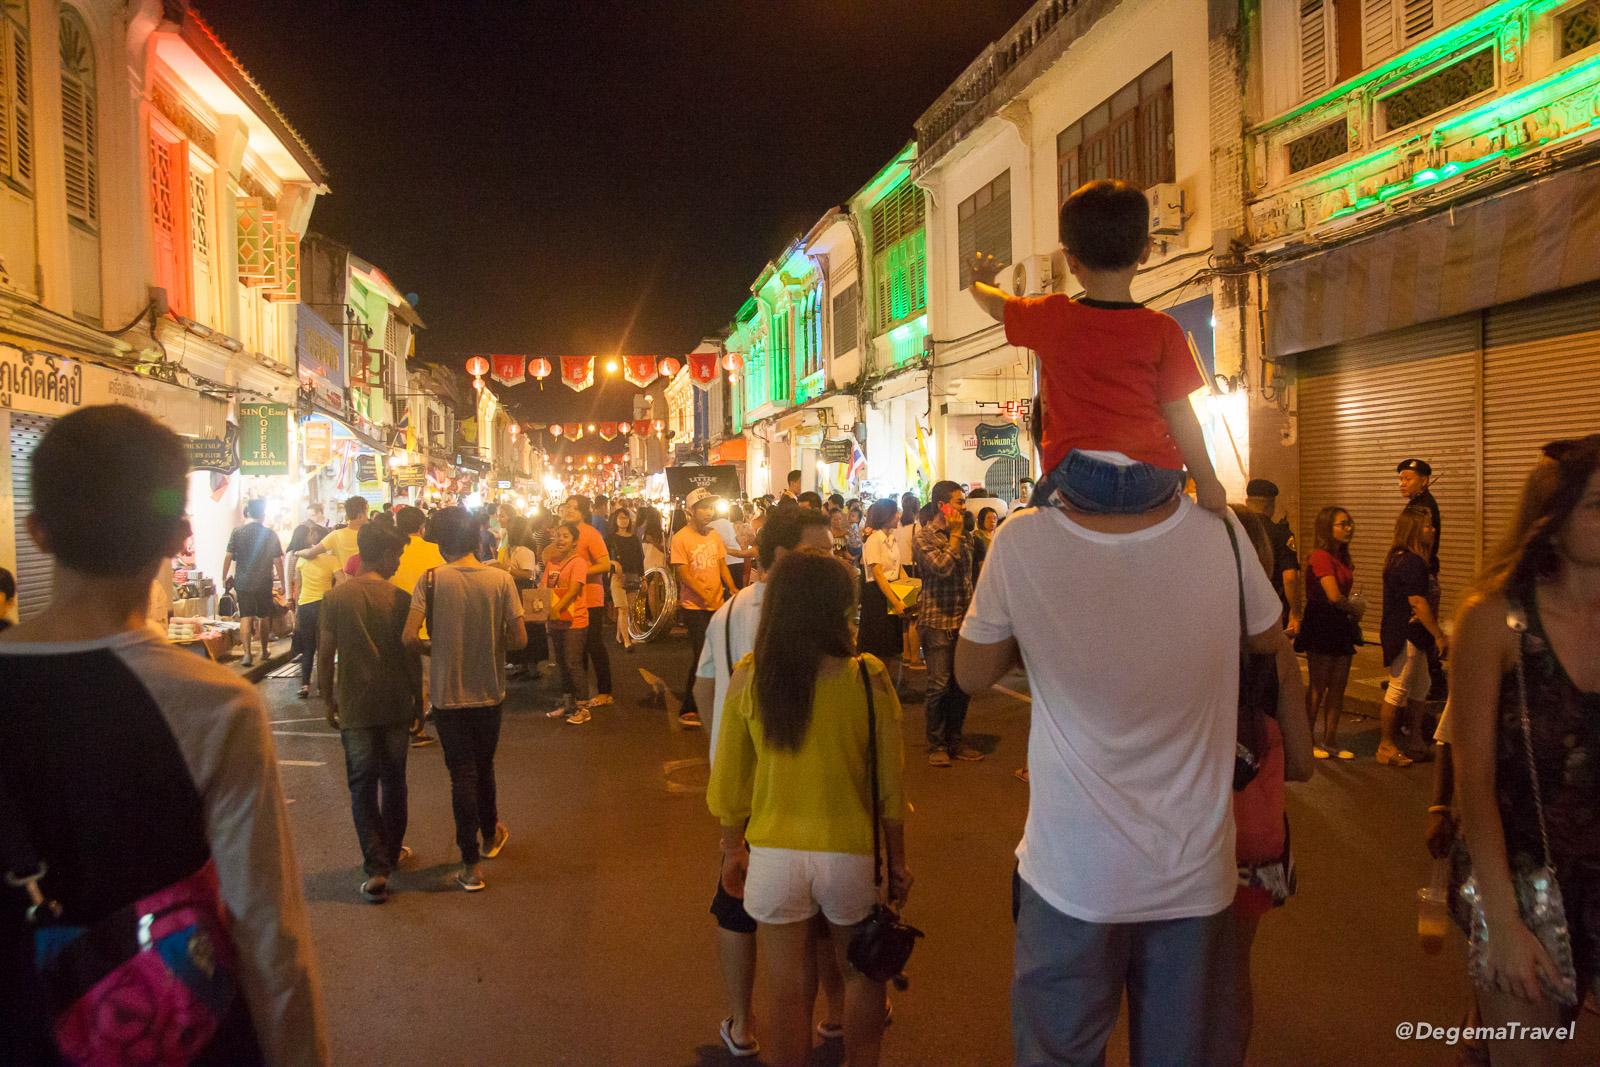 Phuket Old Town Festival